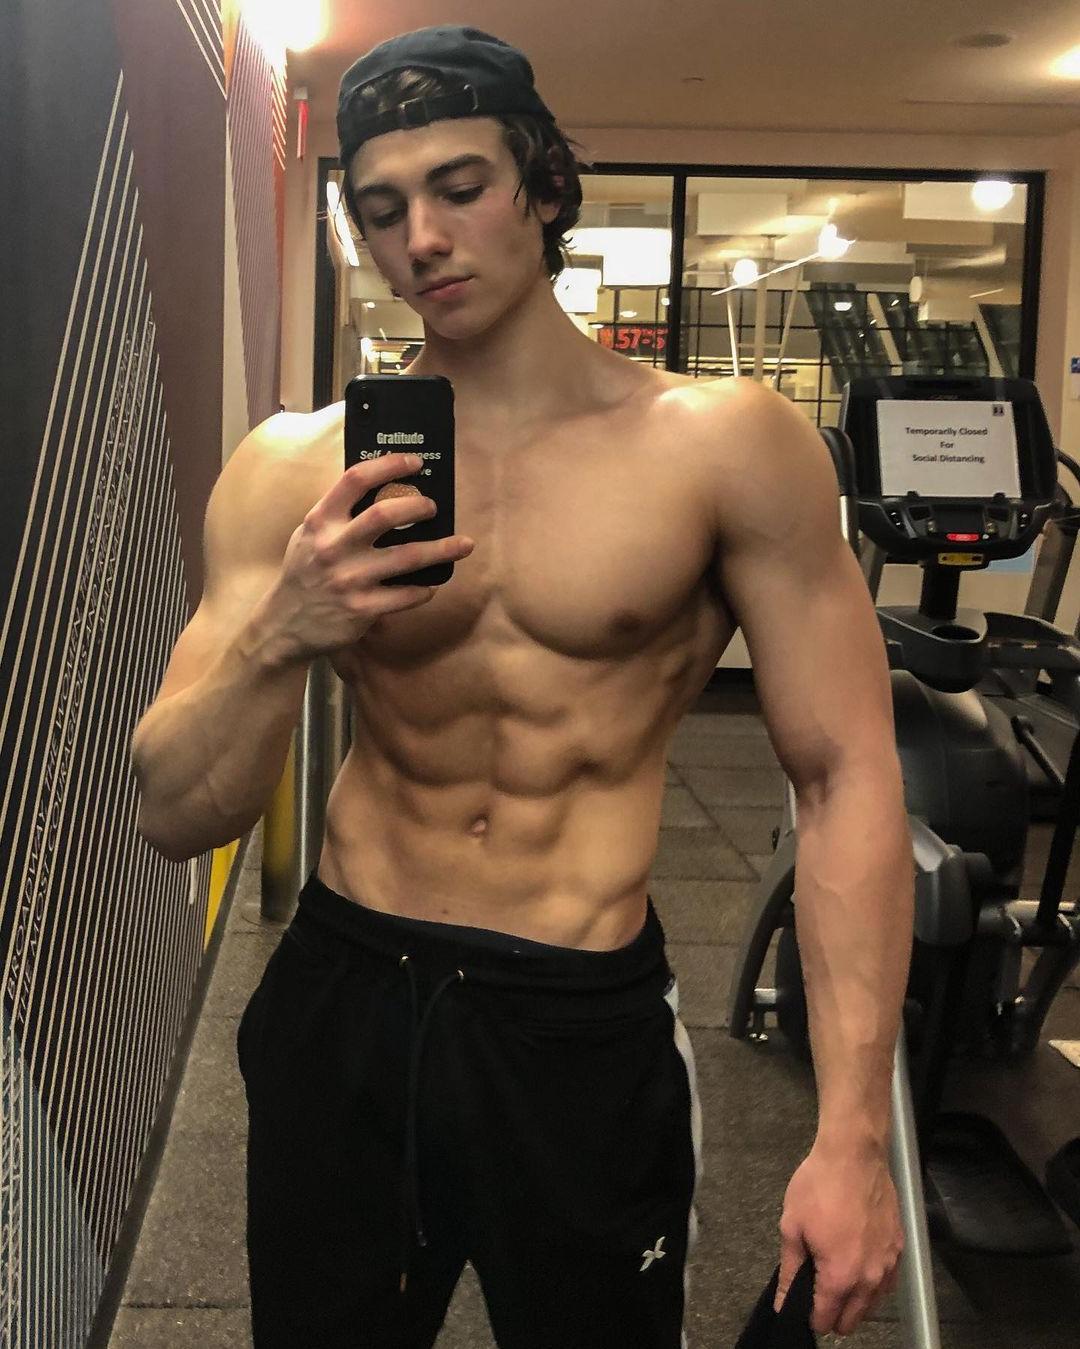 skinny-guys-broad-shoulders-eric-abrons-shirtless-cute-gym-boy-abs-selfie